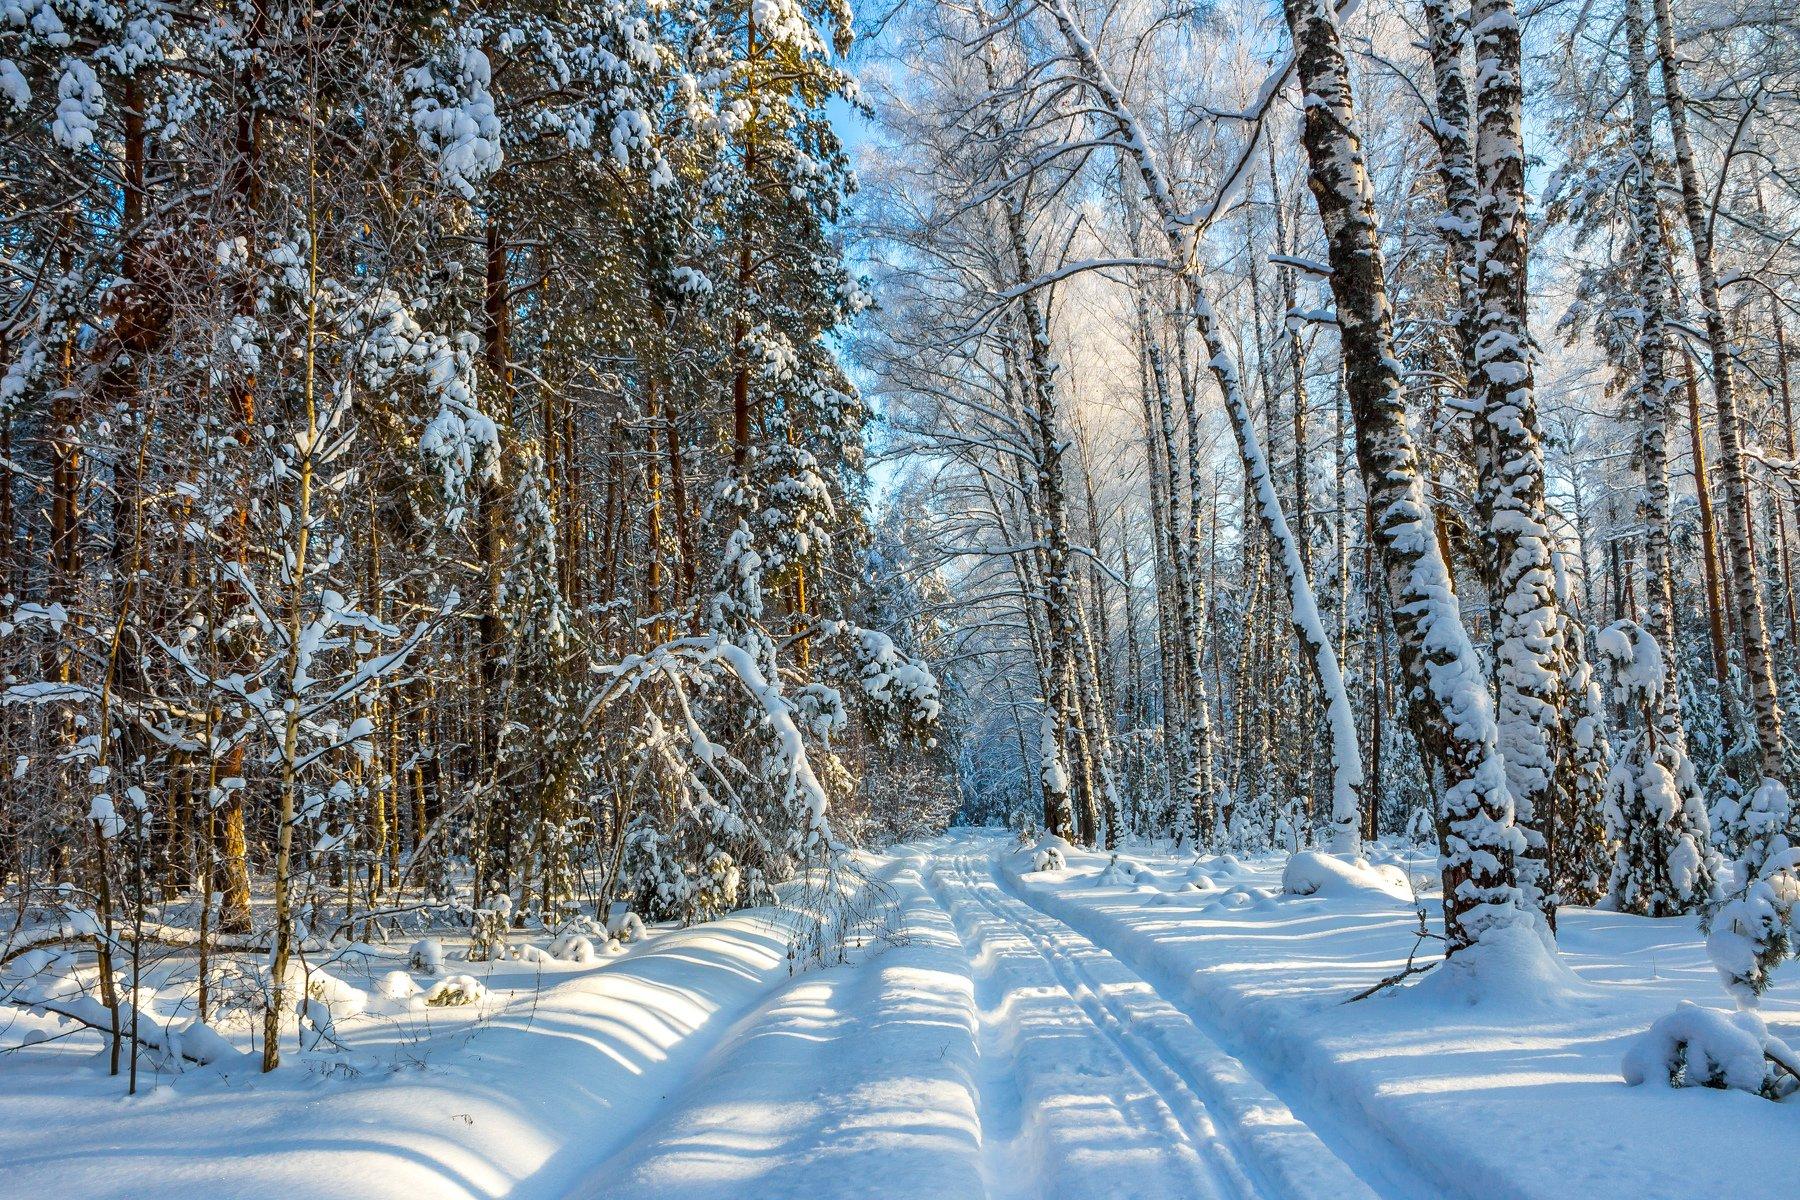 усмань, снег, мороз, лыжня, лес, зима, заповедник, берёзы, Руслан Востриков